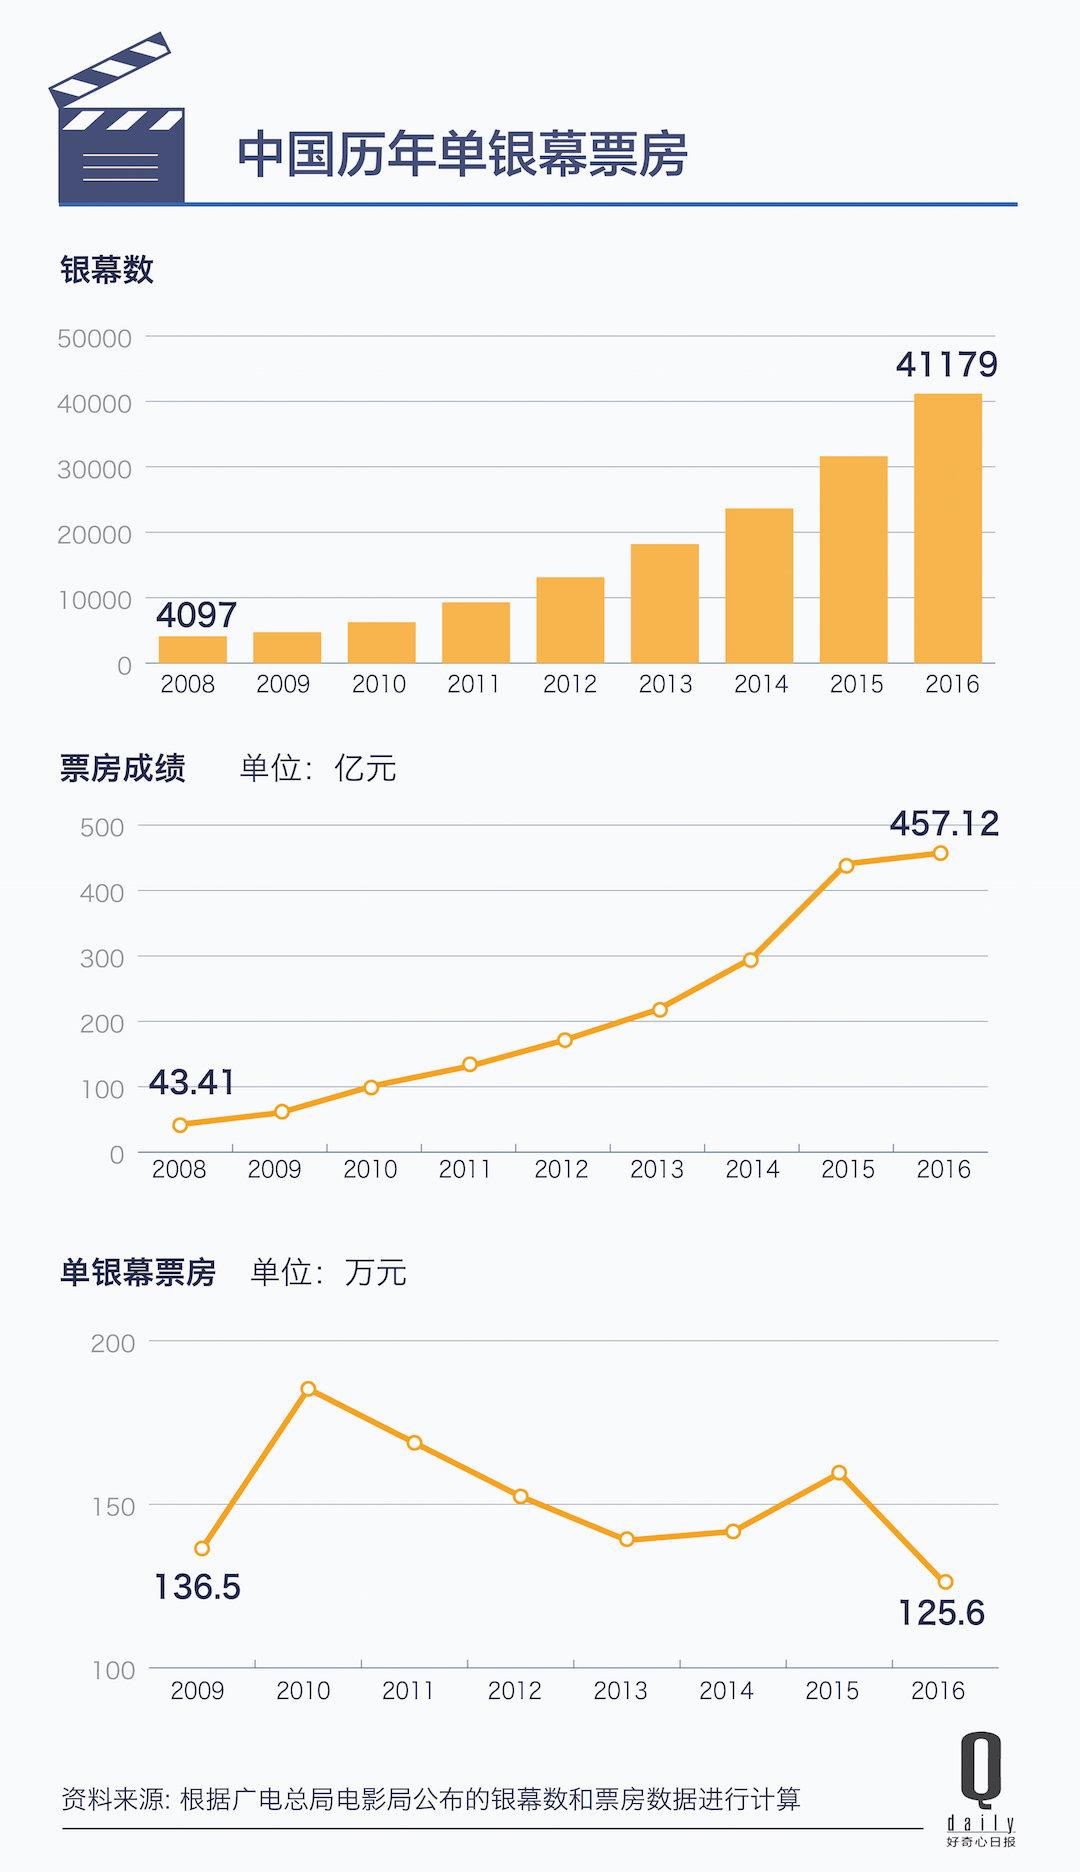 中国电影泡沫有多大,看看中美的单银幕票房对比就行|好奇心小数据_娱乐_好奇心日报